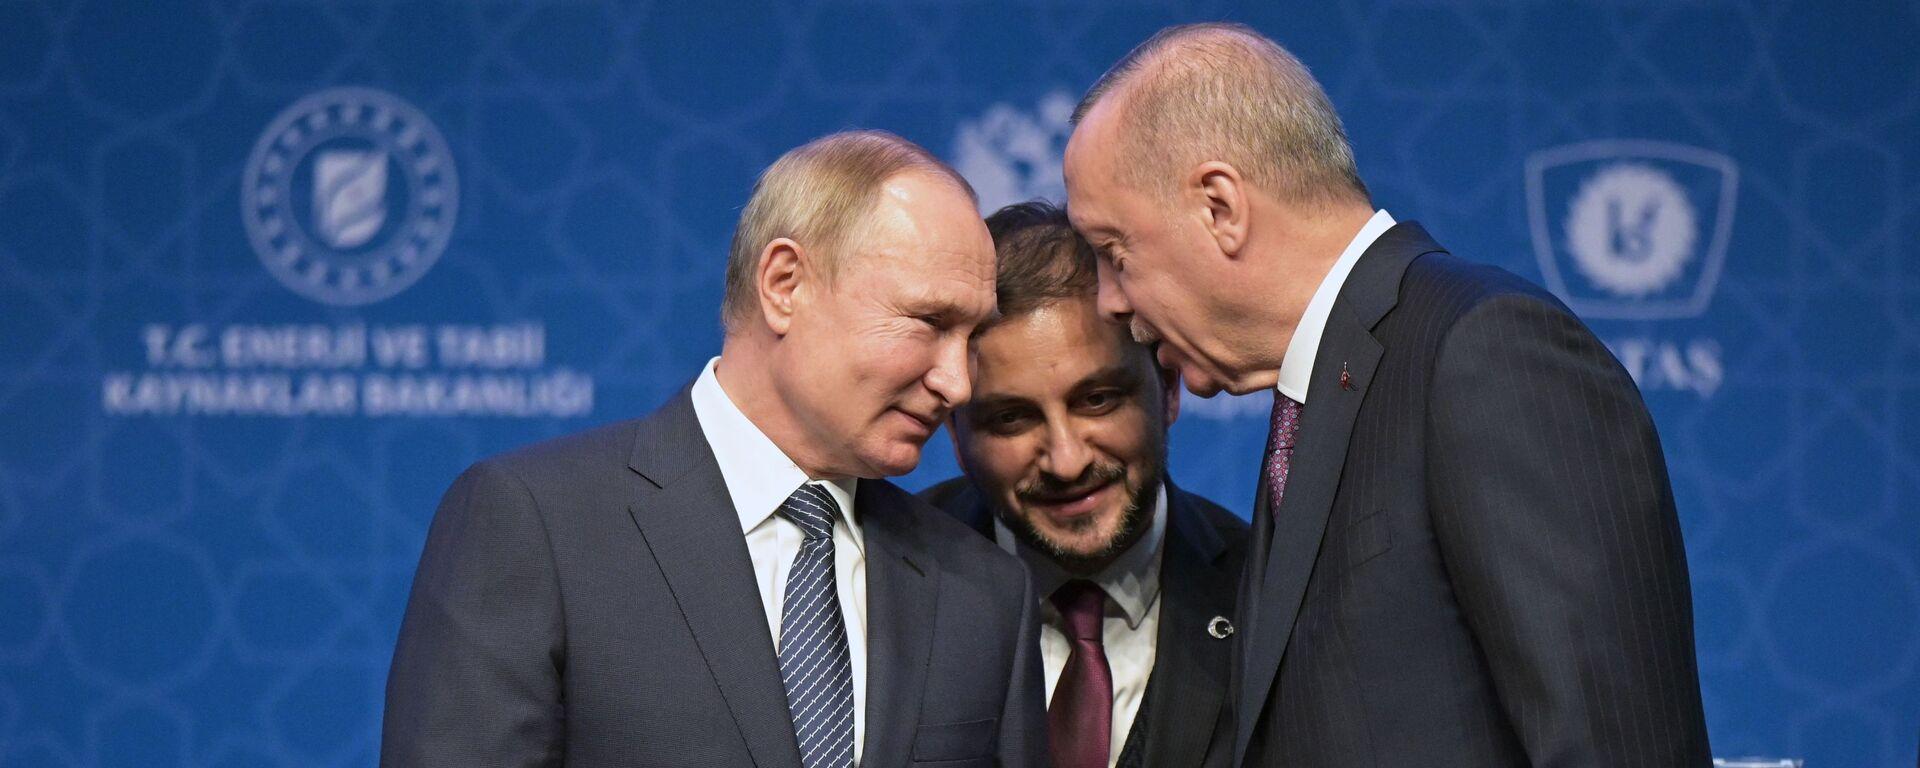 Рабочий визит президента РФ В. Путина в Турецкую Республику - Sputnik Армения, 1920, 26.09.2021